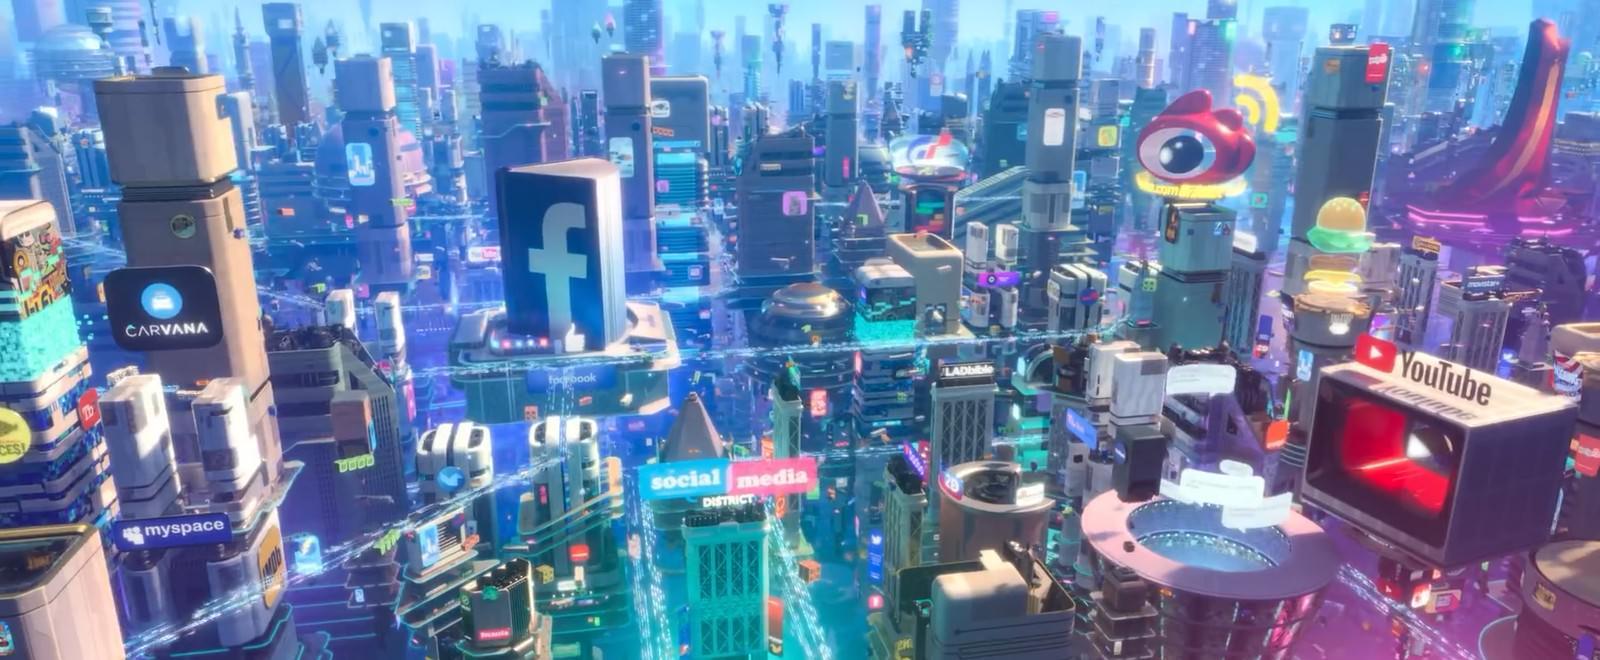 Movie, Ralph Breaks the Internet(美國, 2018) / 無敵破壞王2:網路大暴走(台灣) / 無敵破壞王2:打爆互聯網(香港) / 无敌破坏王2:大闹互联网(網), 電影劇照